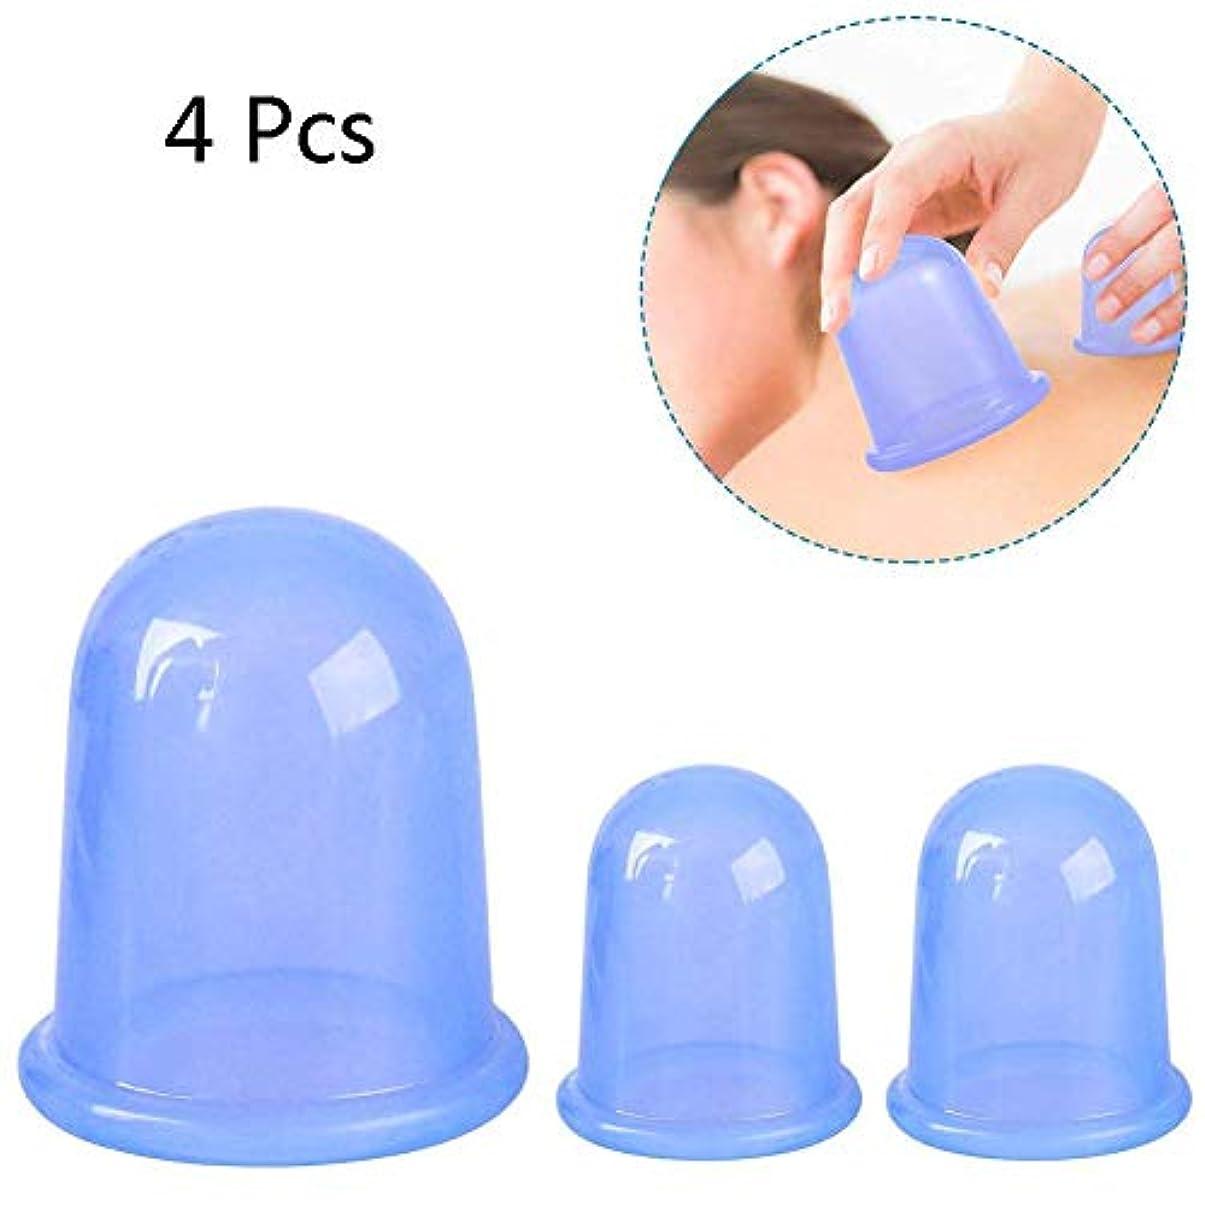 ライナー植物学ゴミシリコンカッピングセラピーセット、伝統的なマッサージカッピングサクションカップ、鍼治療キット健康治療(4個)